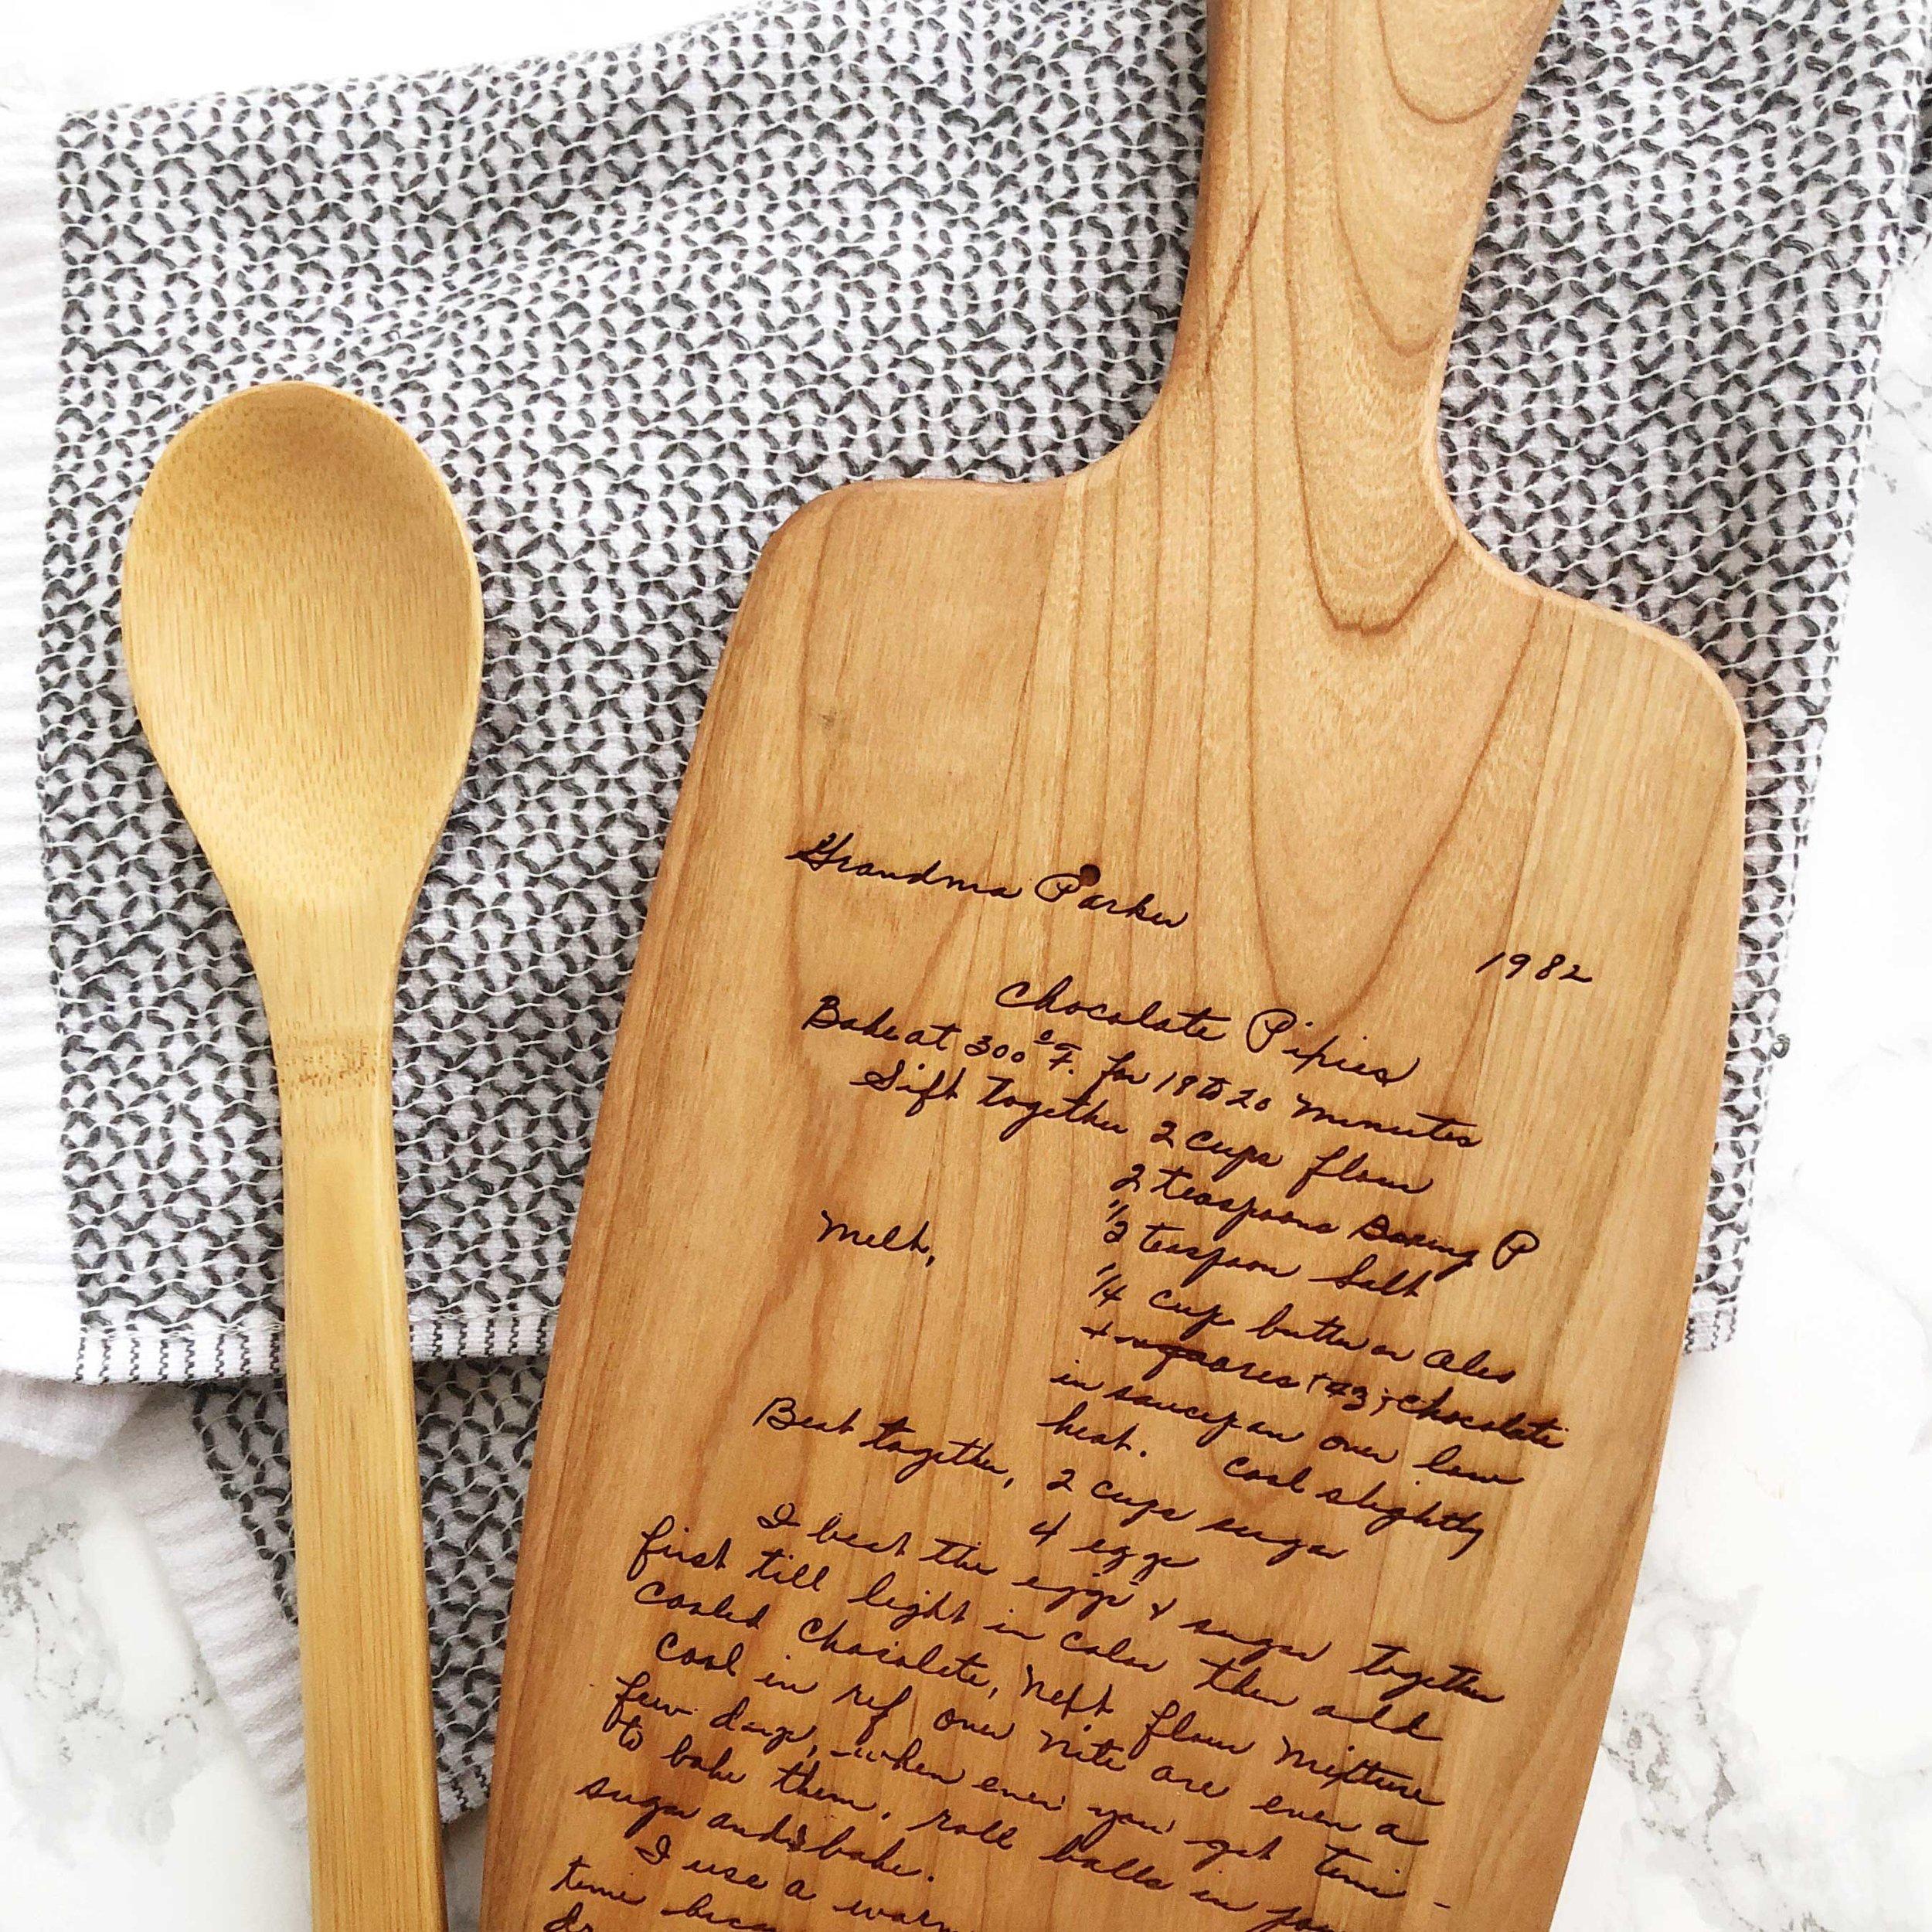 Personalized Recipe Cutting Board - Hello World Paper Co.